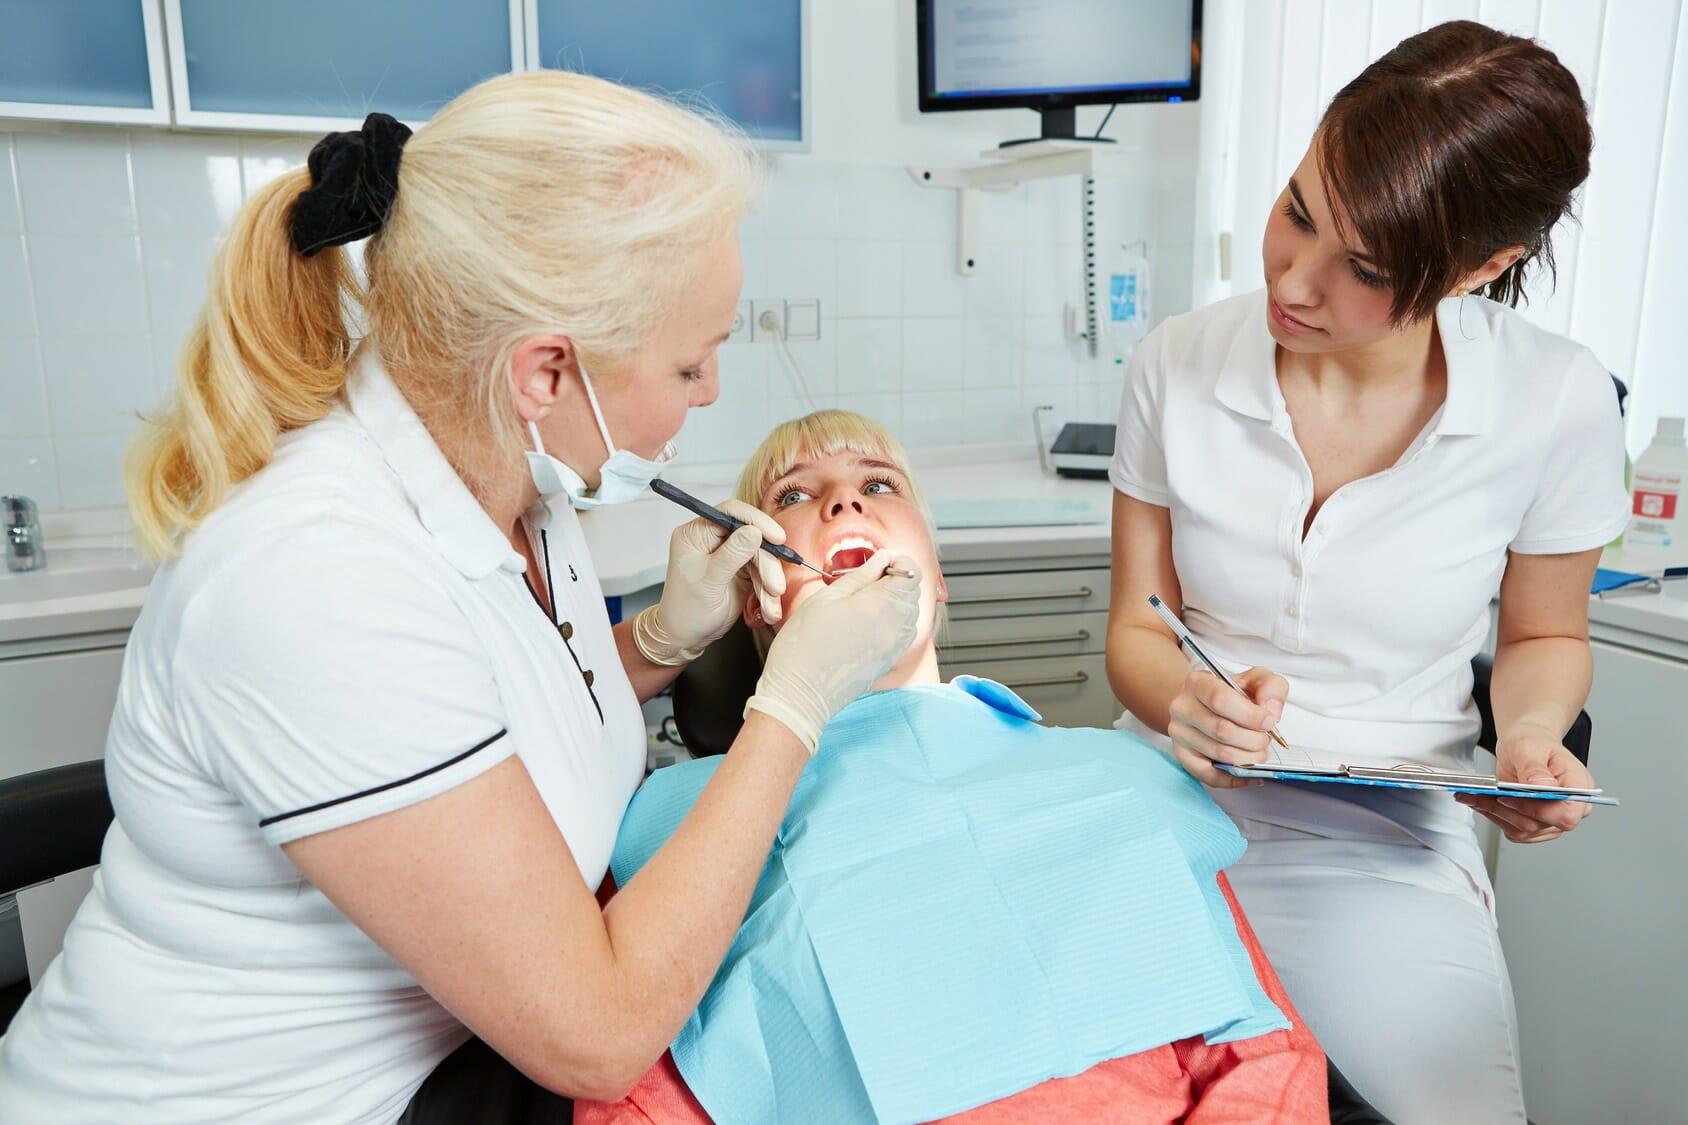 Einstellungstest zahnmedizinische Fachangestellte